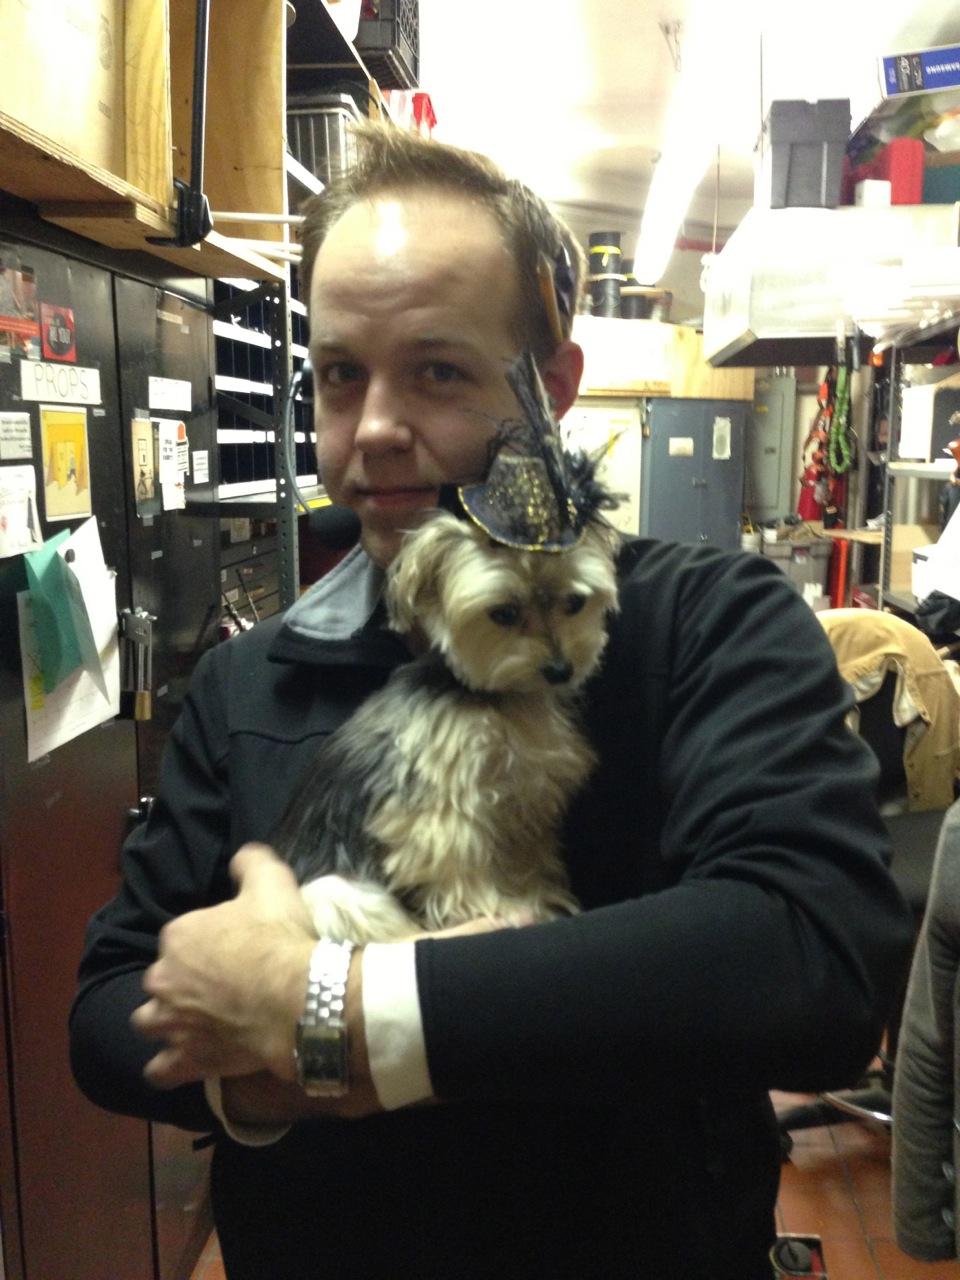 That's Zac with Stephanie J. Block's dog, Macaco!